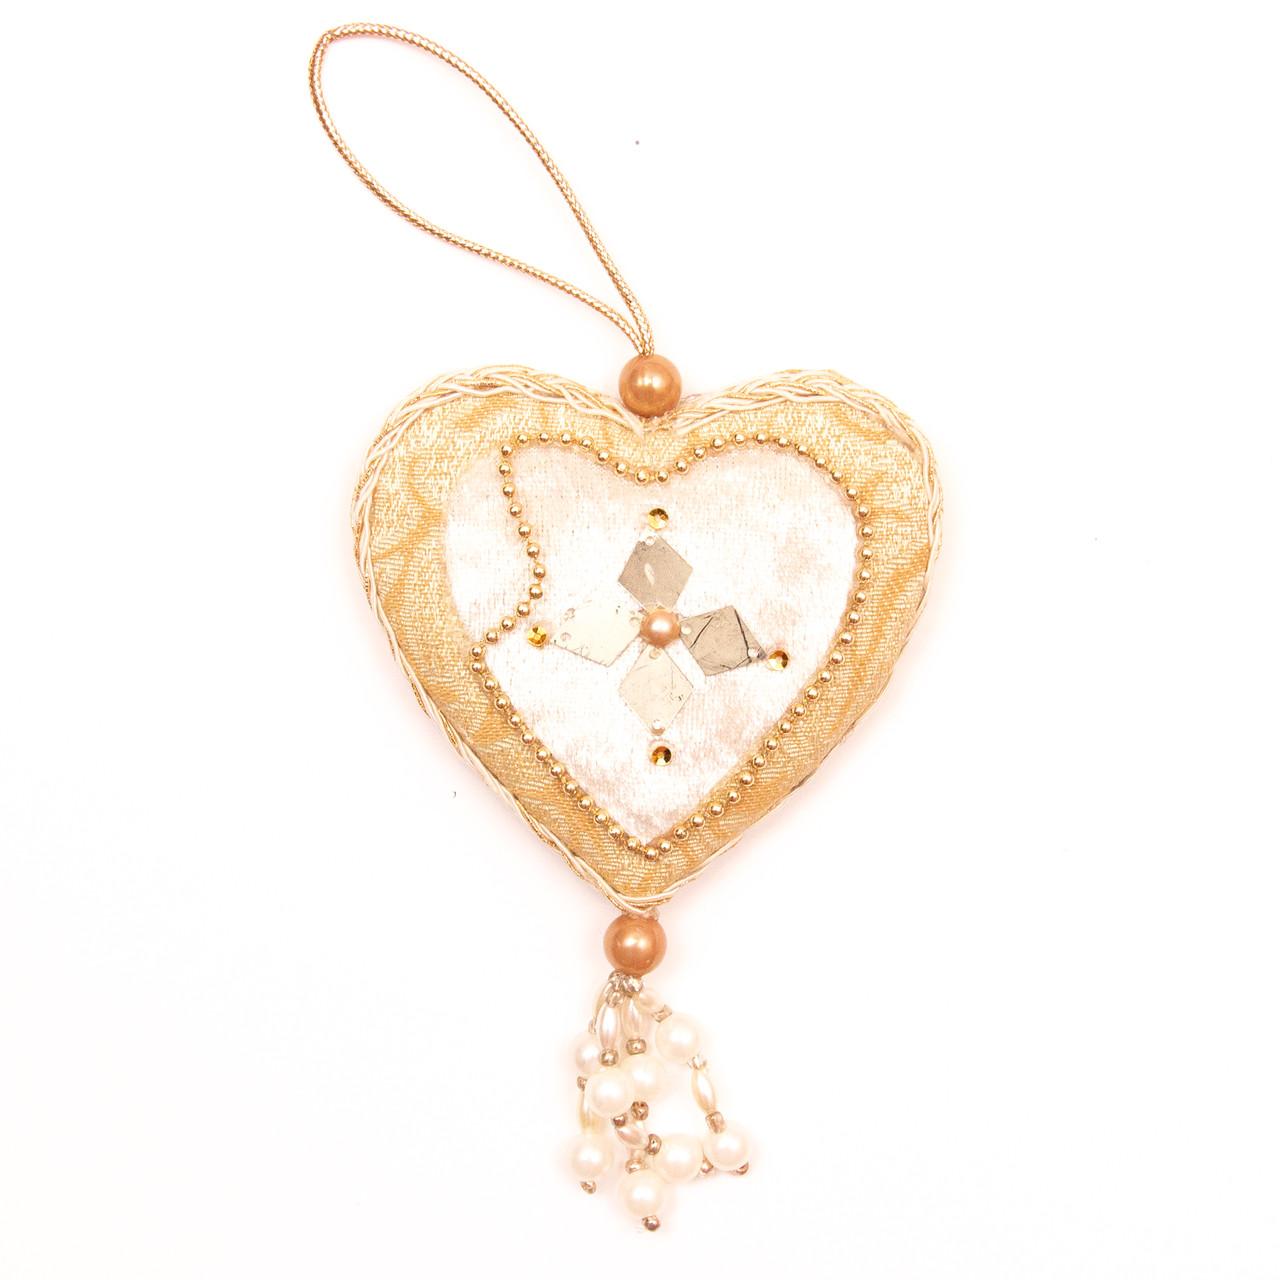 Елочное украшение из ткани, 10 см, сердце (430130-4)